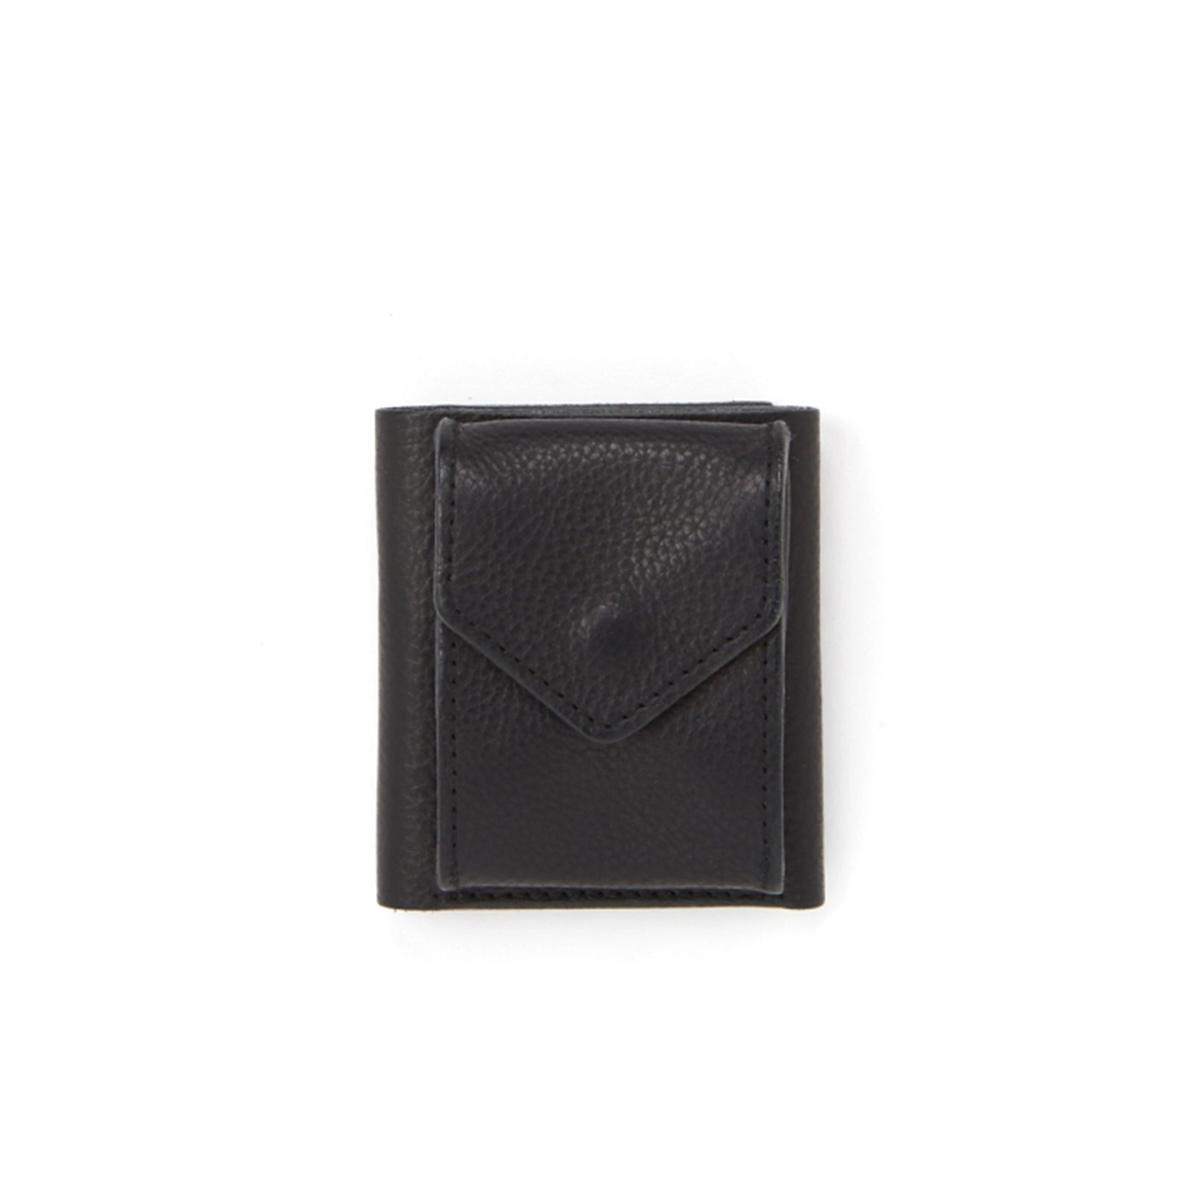 Hender Scheme / trifold wallet -Black